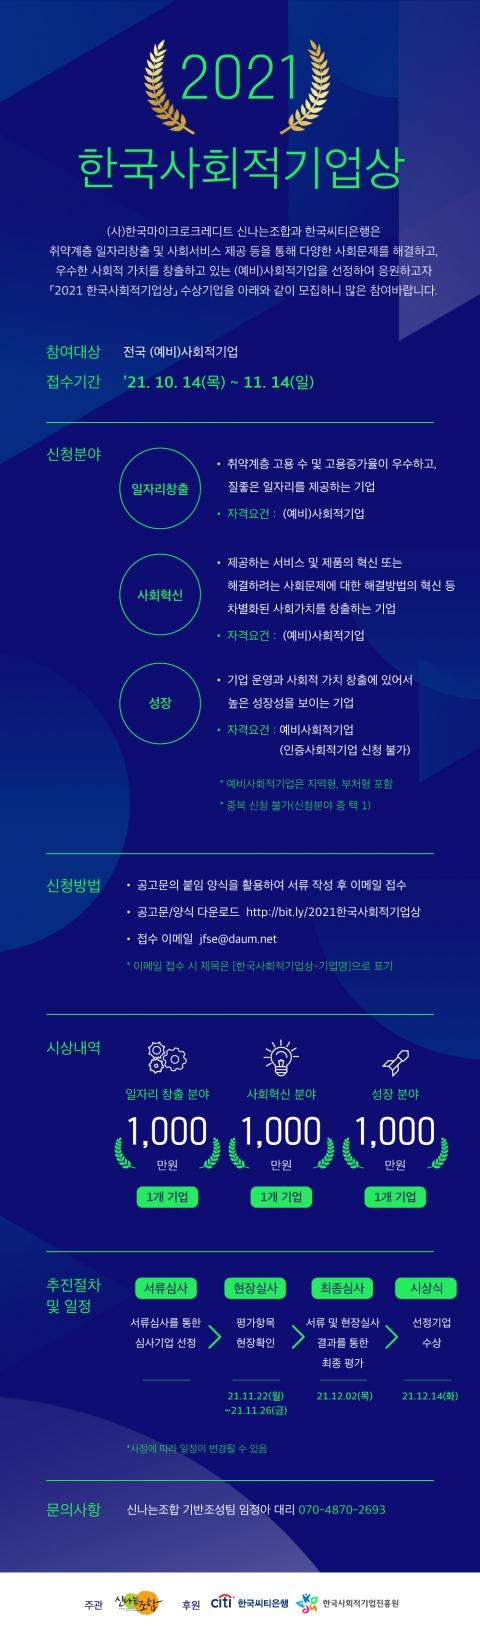 한국씨티은행 '2021 한국사회적기업상' 공모